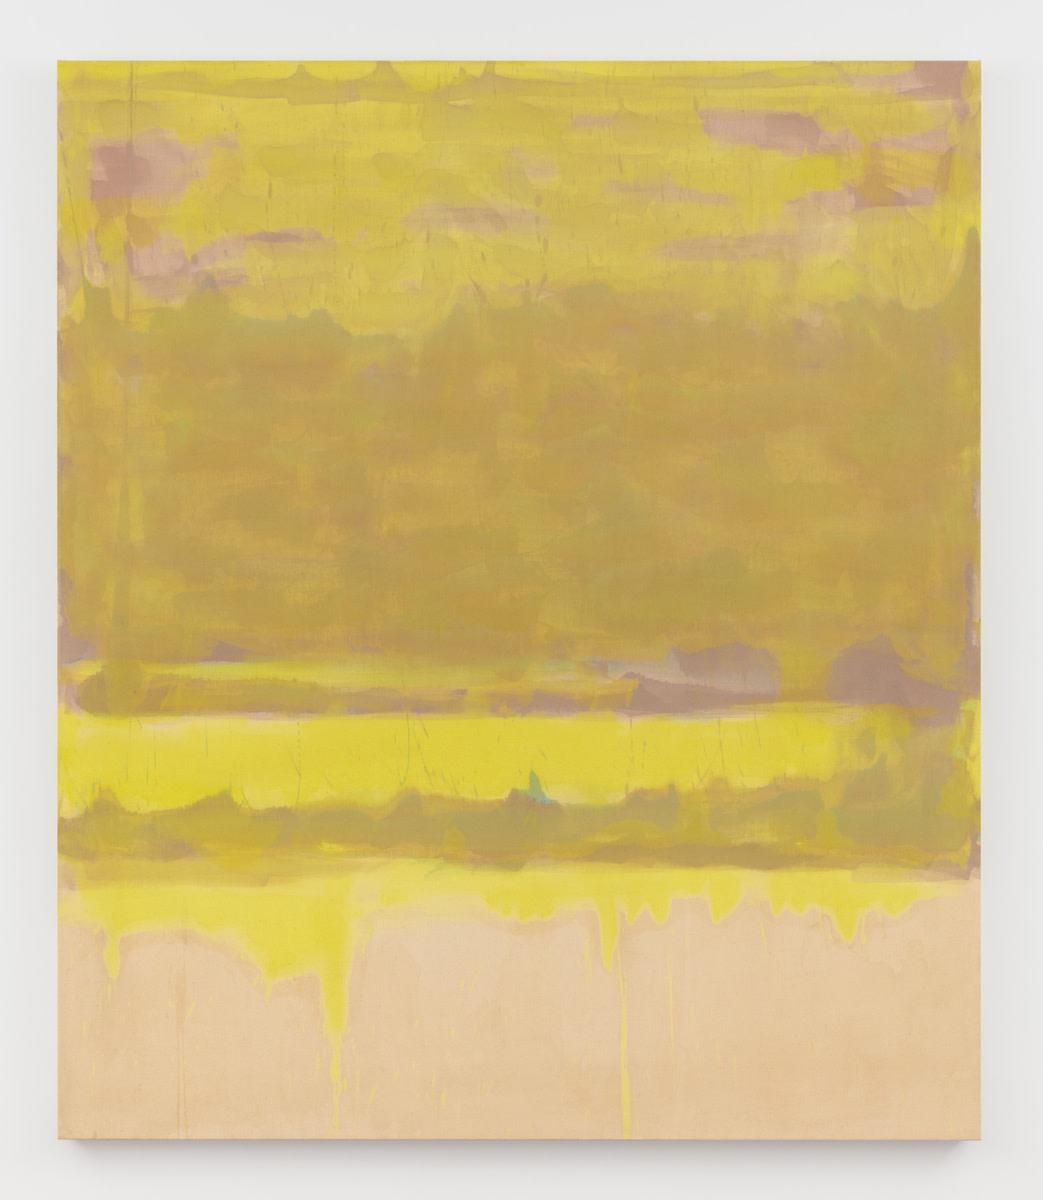 Virginia Jaramillo Altotron, 1976 Oil on canvas 205.7 x 180.3 cm 81 x 71 in Inquire